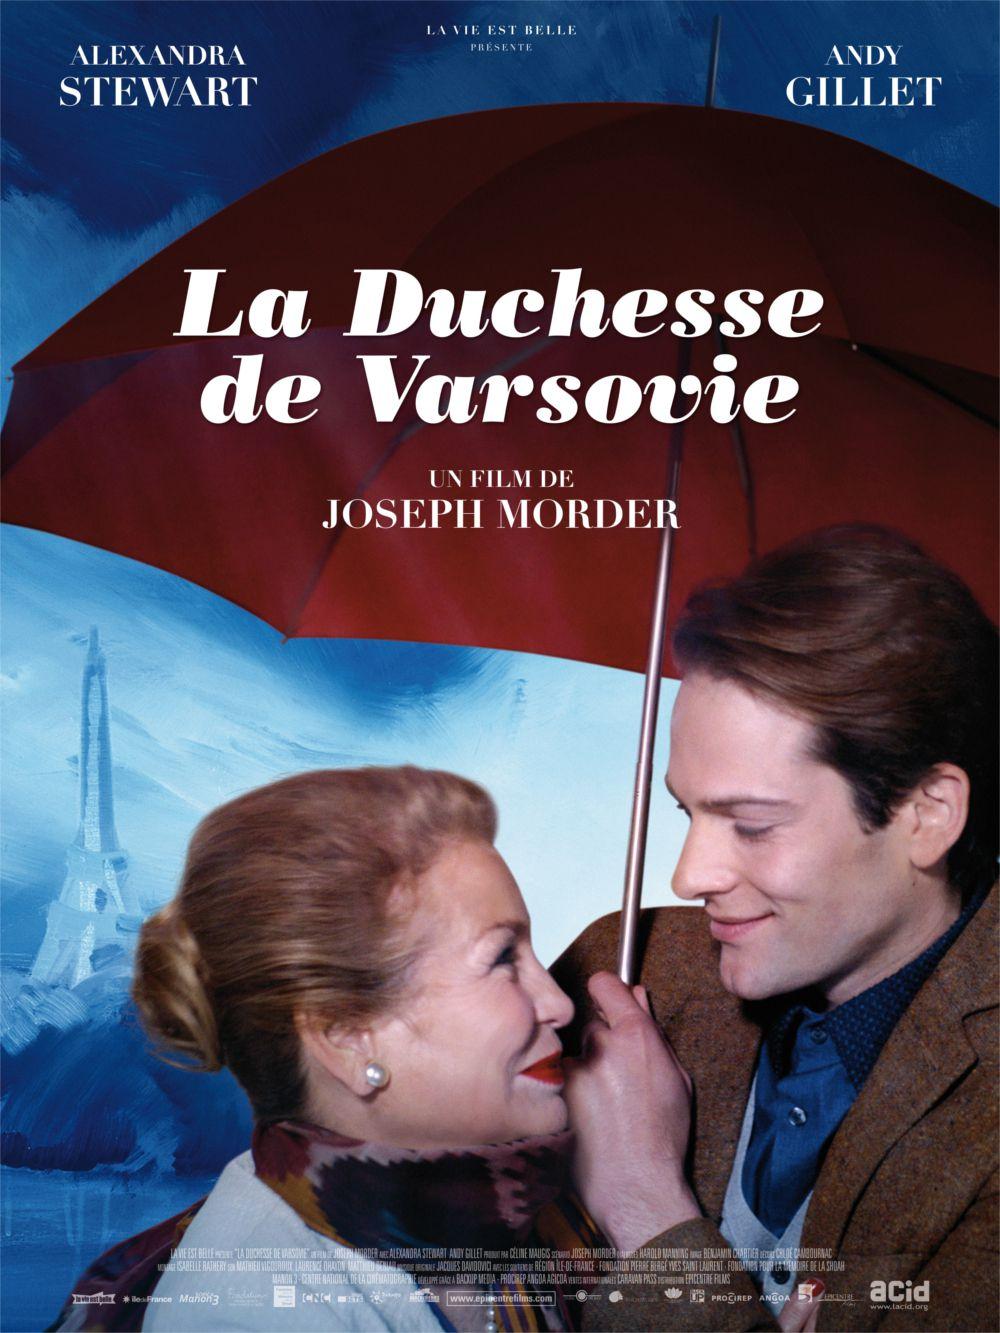 La duchesse de Varsovie - Film (2015)